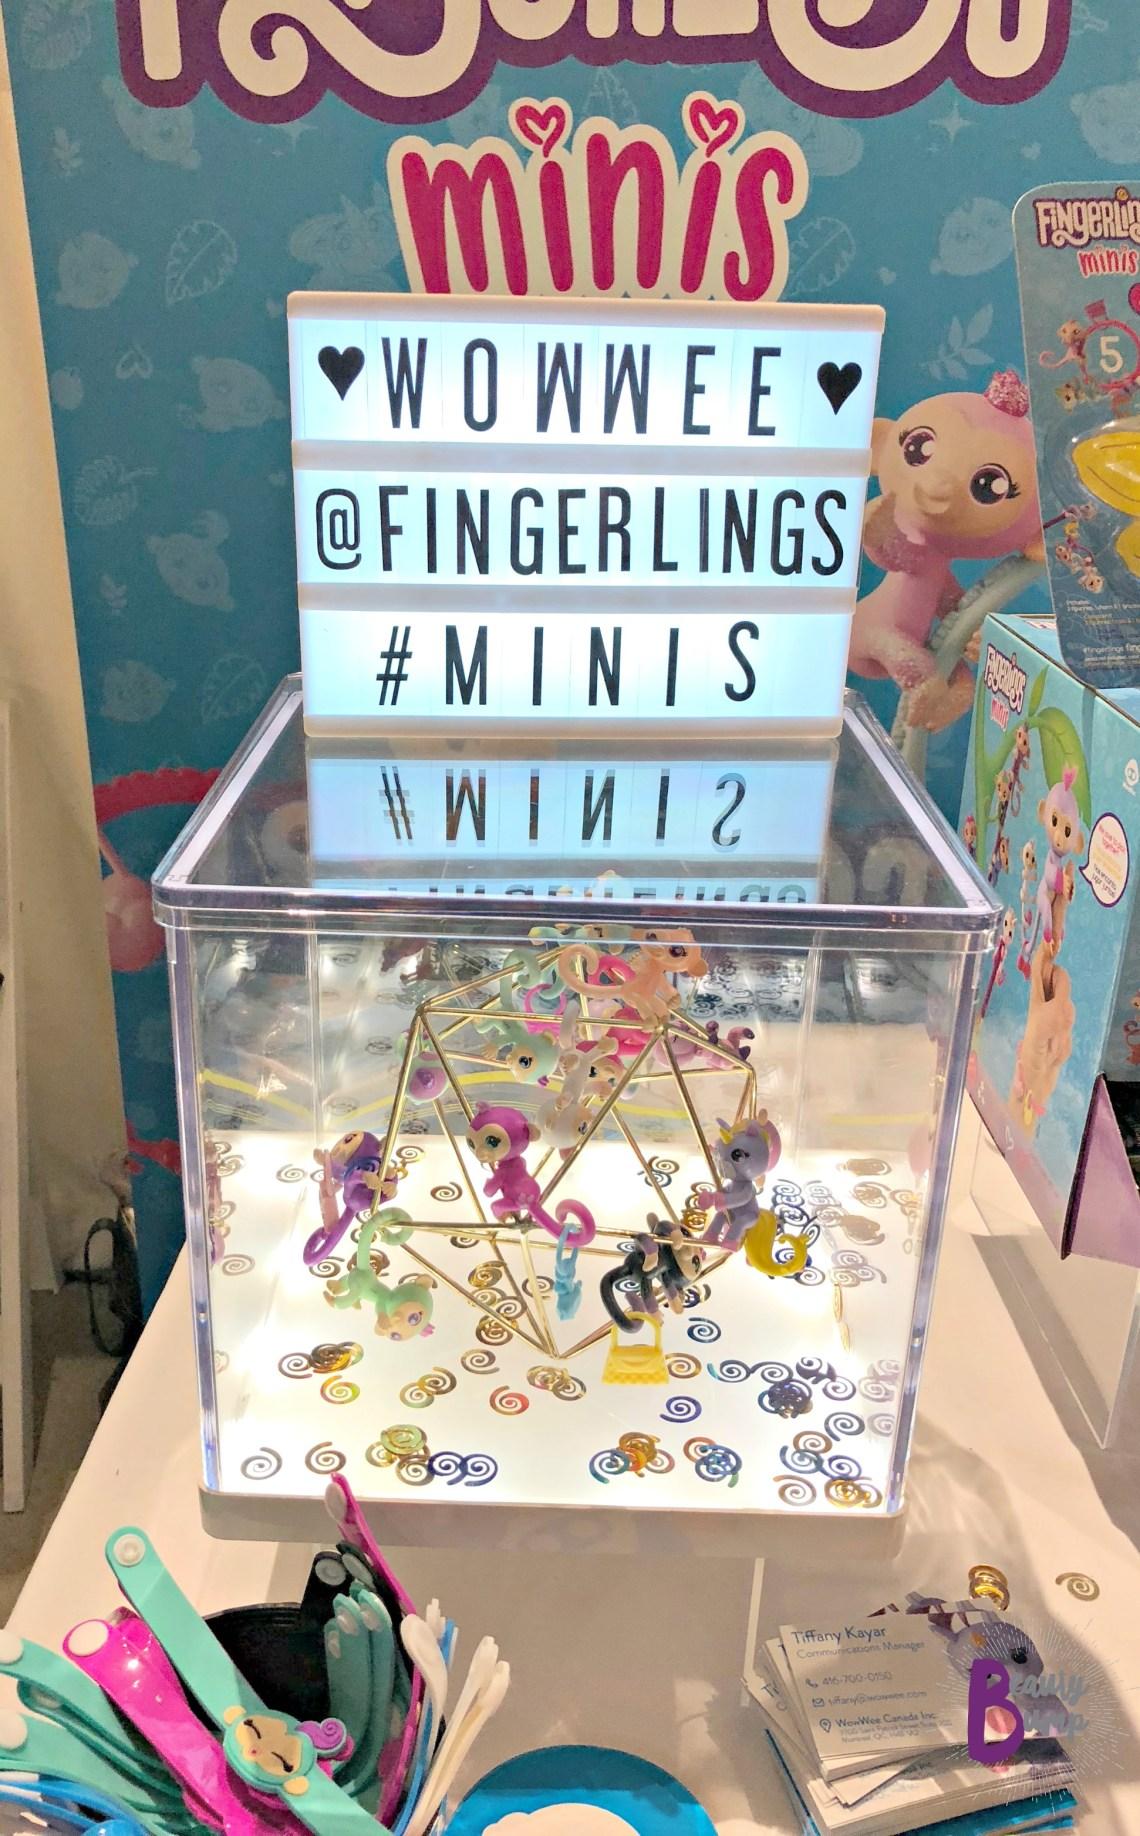 Wowwee Fingerlings Minis